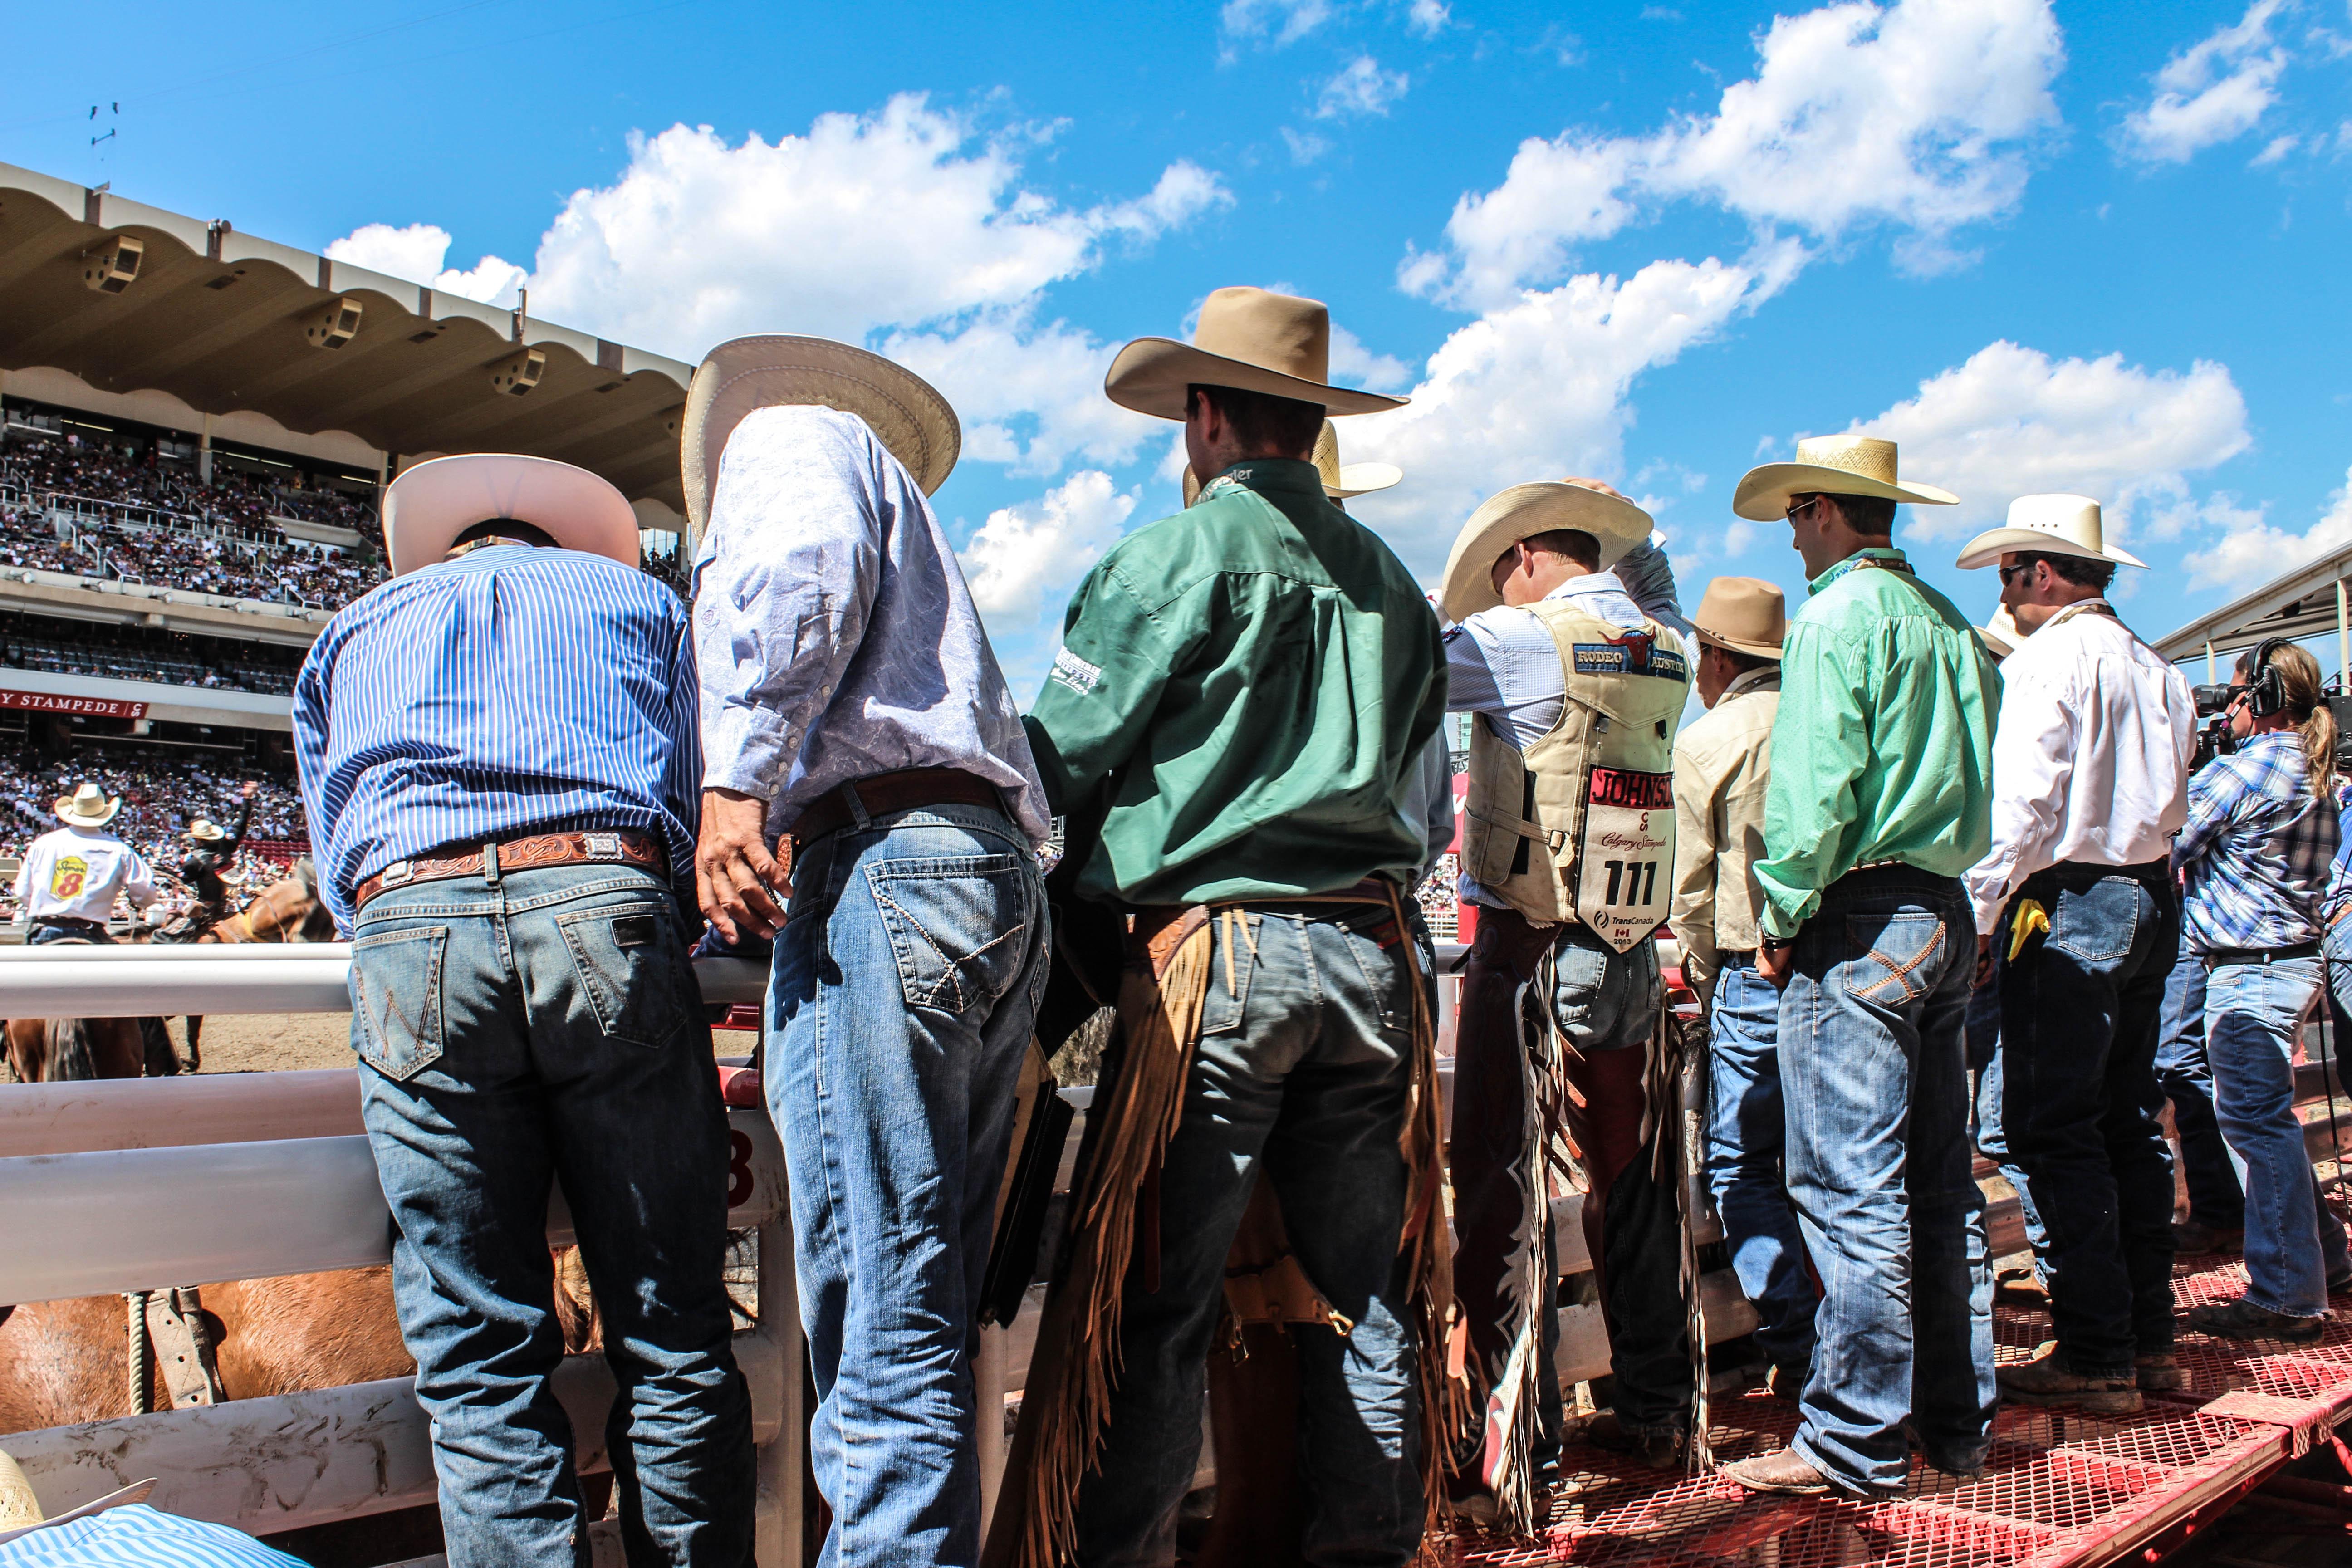 Cowboy bums